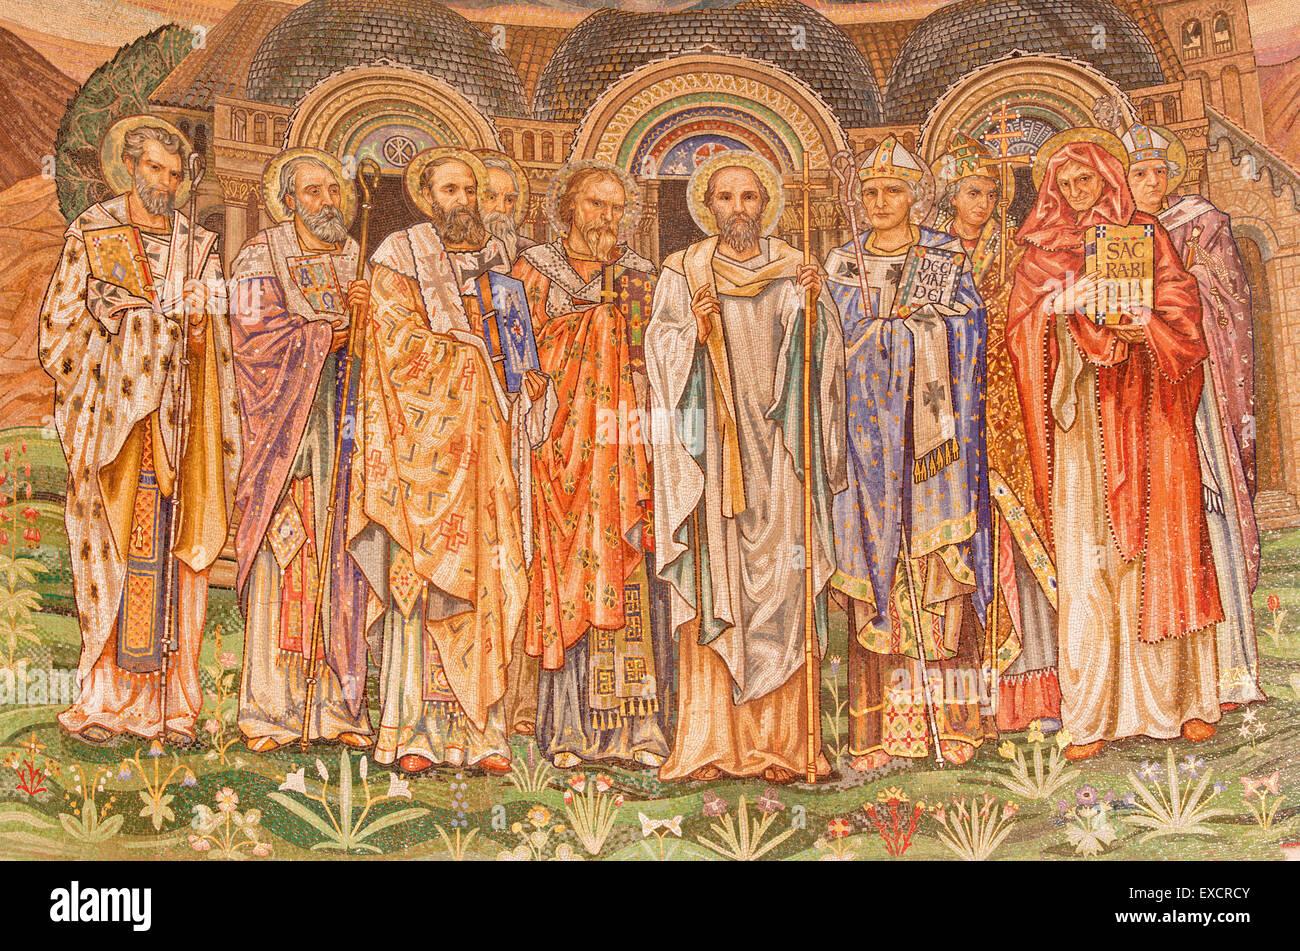 Roma - Il mosaico dei santi grandi maestri della Chiesa Cattolica nella chiesa di San Paolo dentro le mura. Immagini Stock